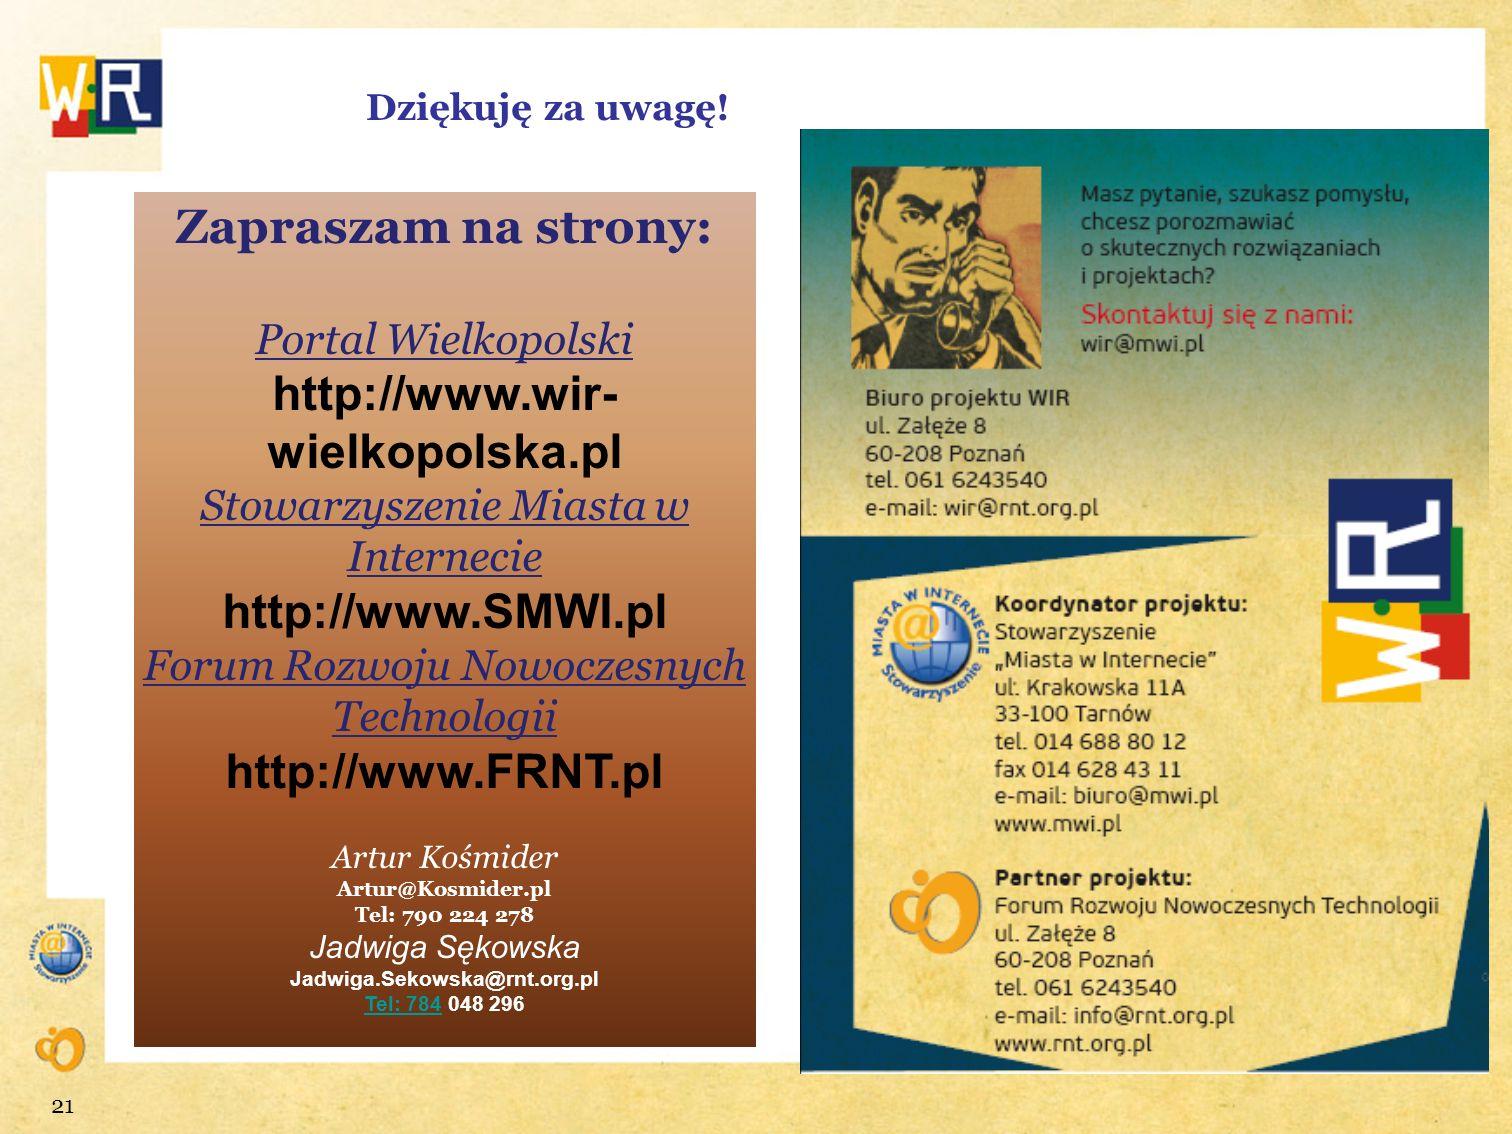 Zapraszam na strony: http://www.wir-wielkopolska.pl http://www.SMWI.pl